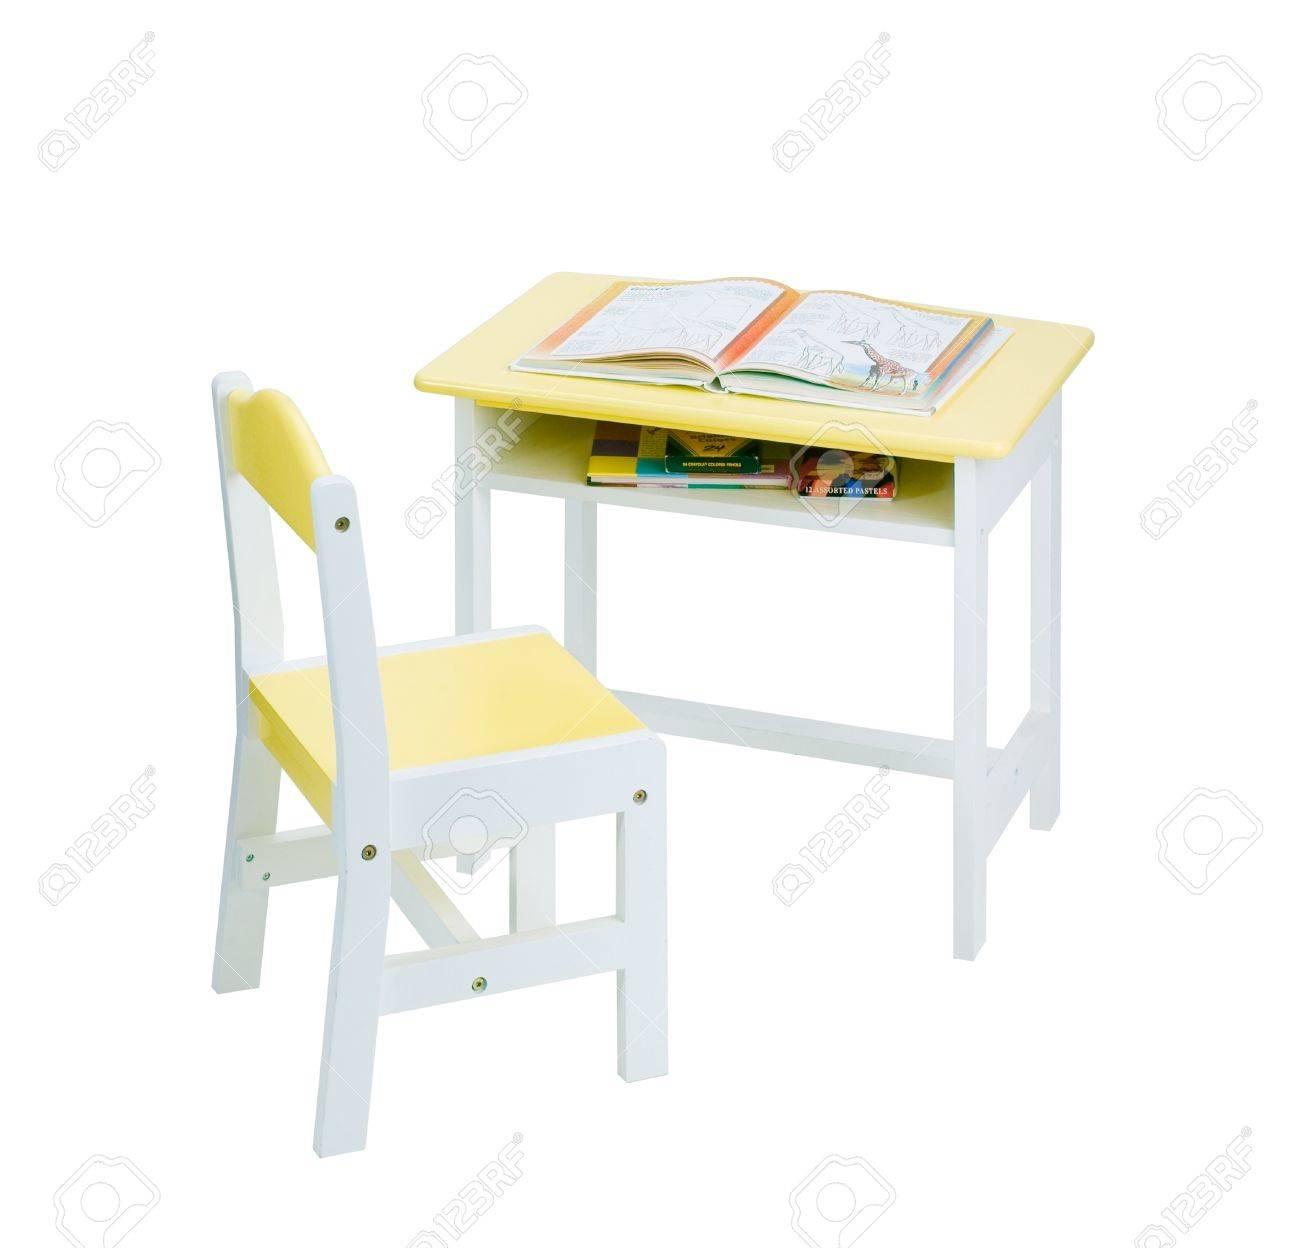 Hermosa silla de madera de color amarillo y un escritorio para niños